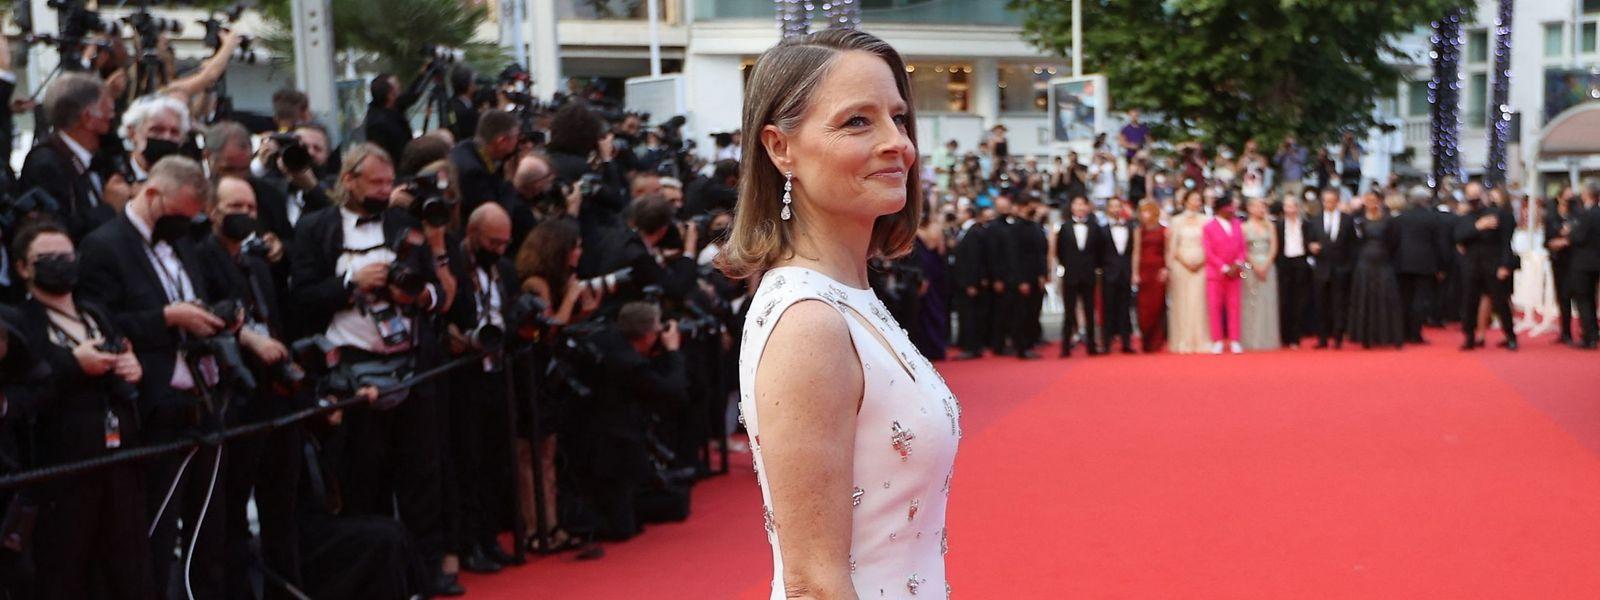 Fühlte sich auf dem Roten Teppich pudelwohl: Jodie Foster vor wenigen Tagen in Cannes.